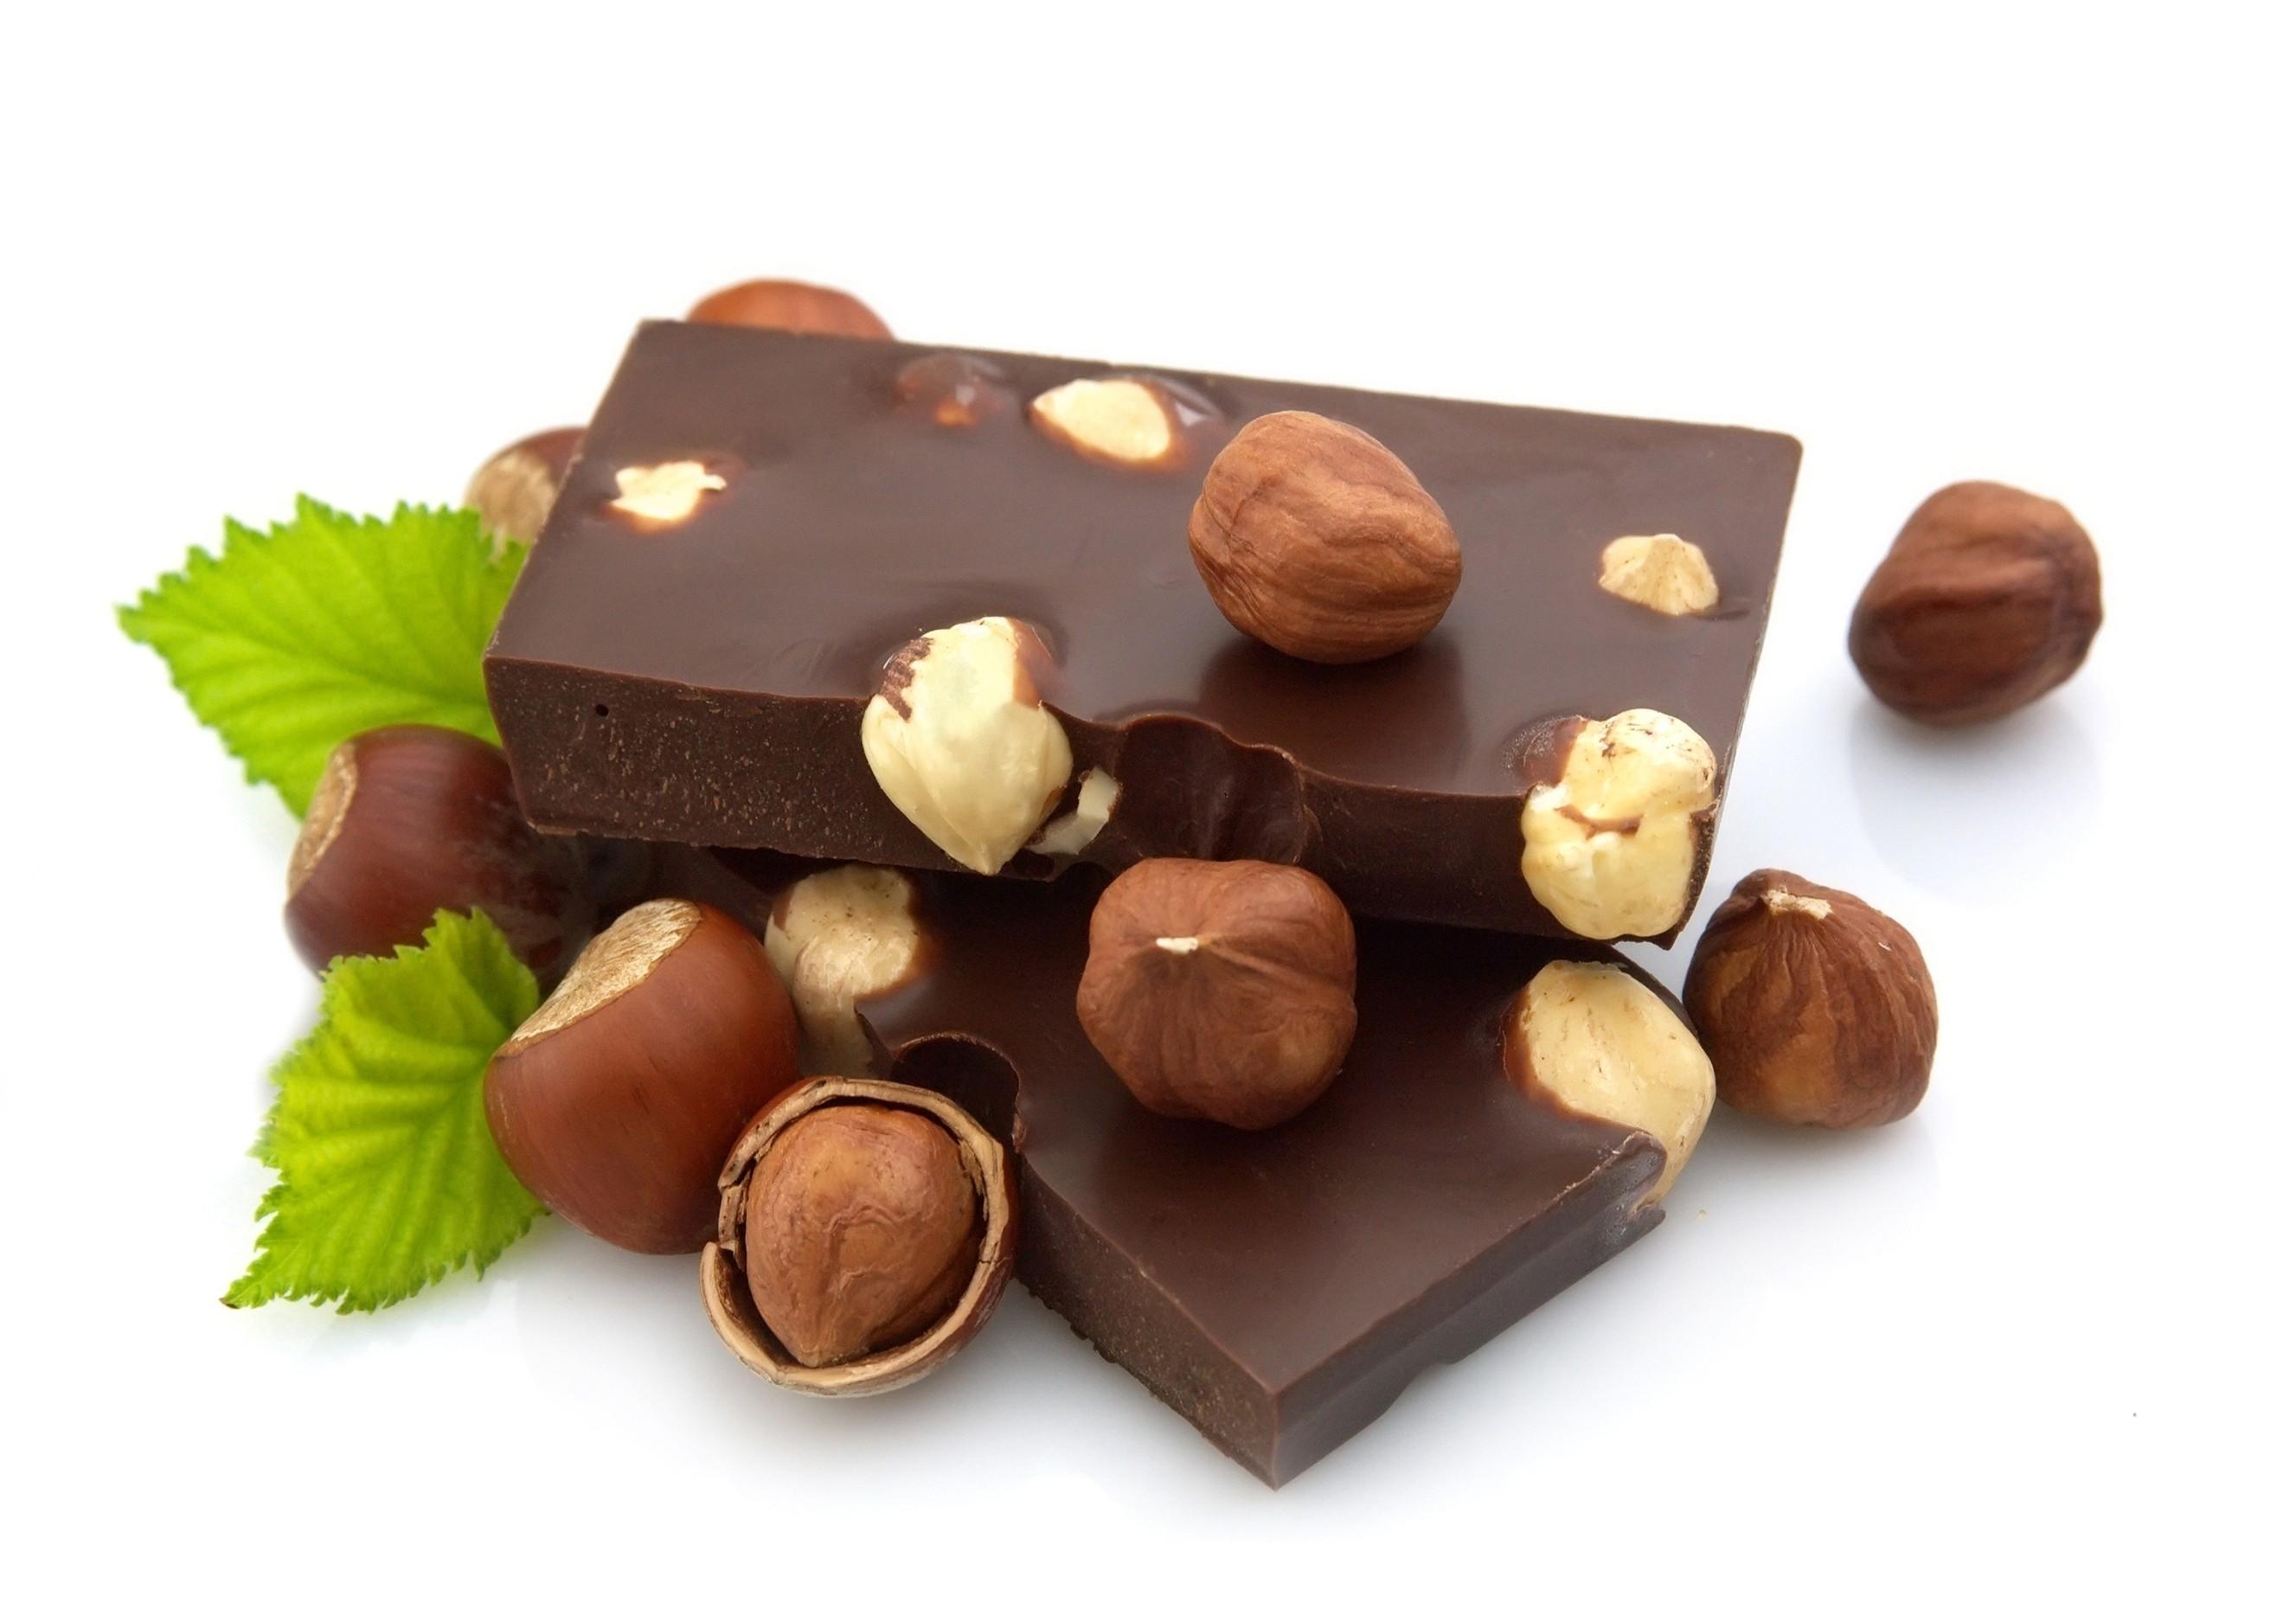 орех и шоколад - это лучший энергетик для мозга